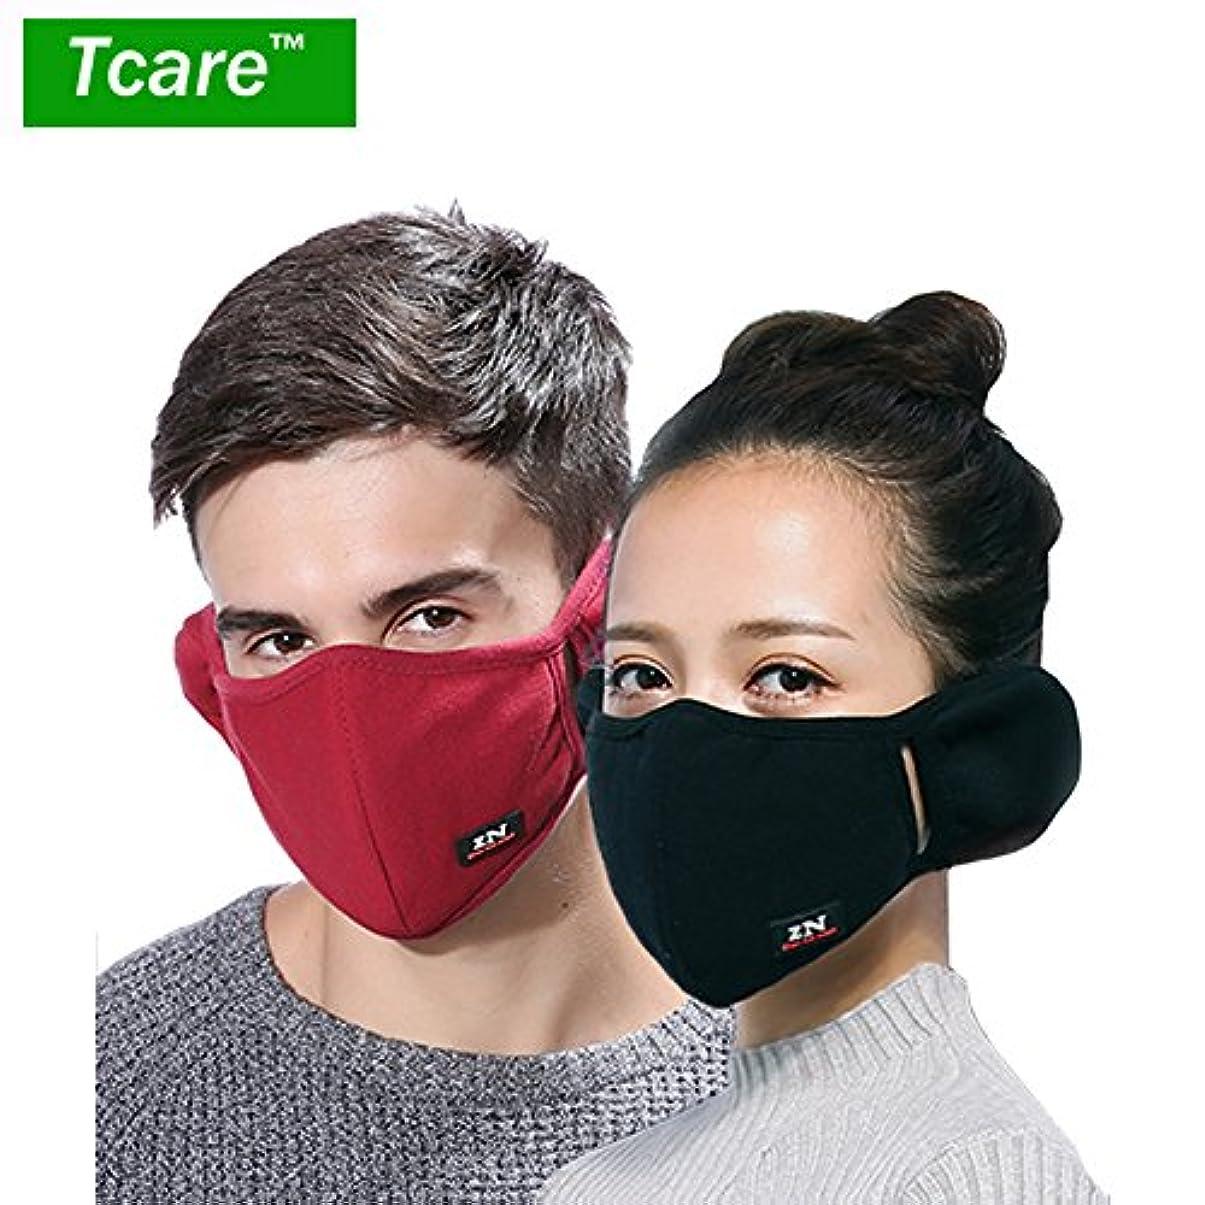 ジャンピングジャック出くわすカード男性女性の少年少女のためのTcare呼吸器2レイヤピュアコットン保護フィルター挿入口:2ダークグリーン